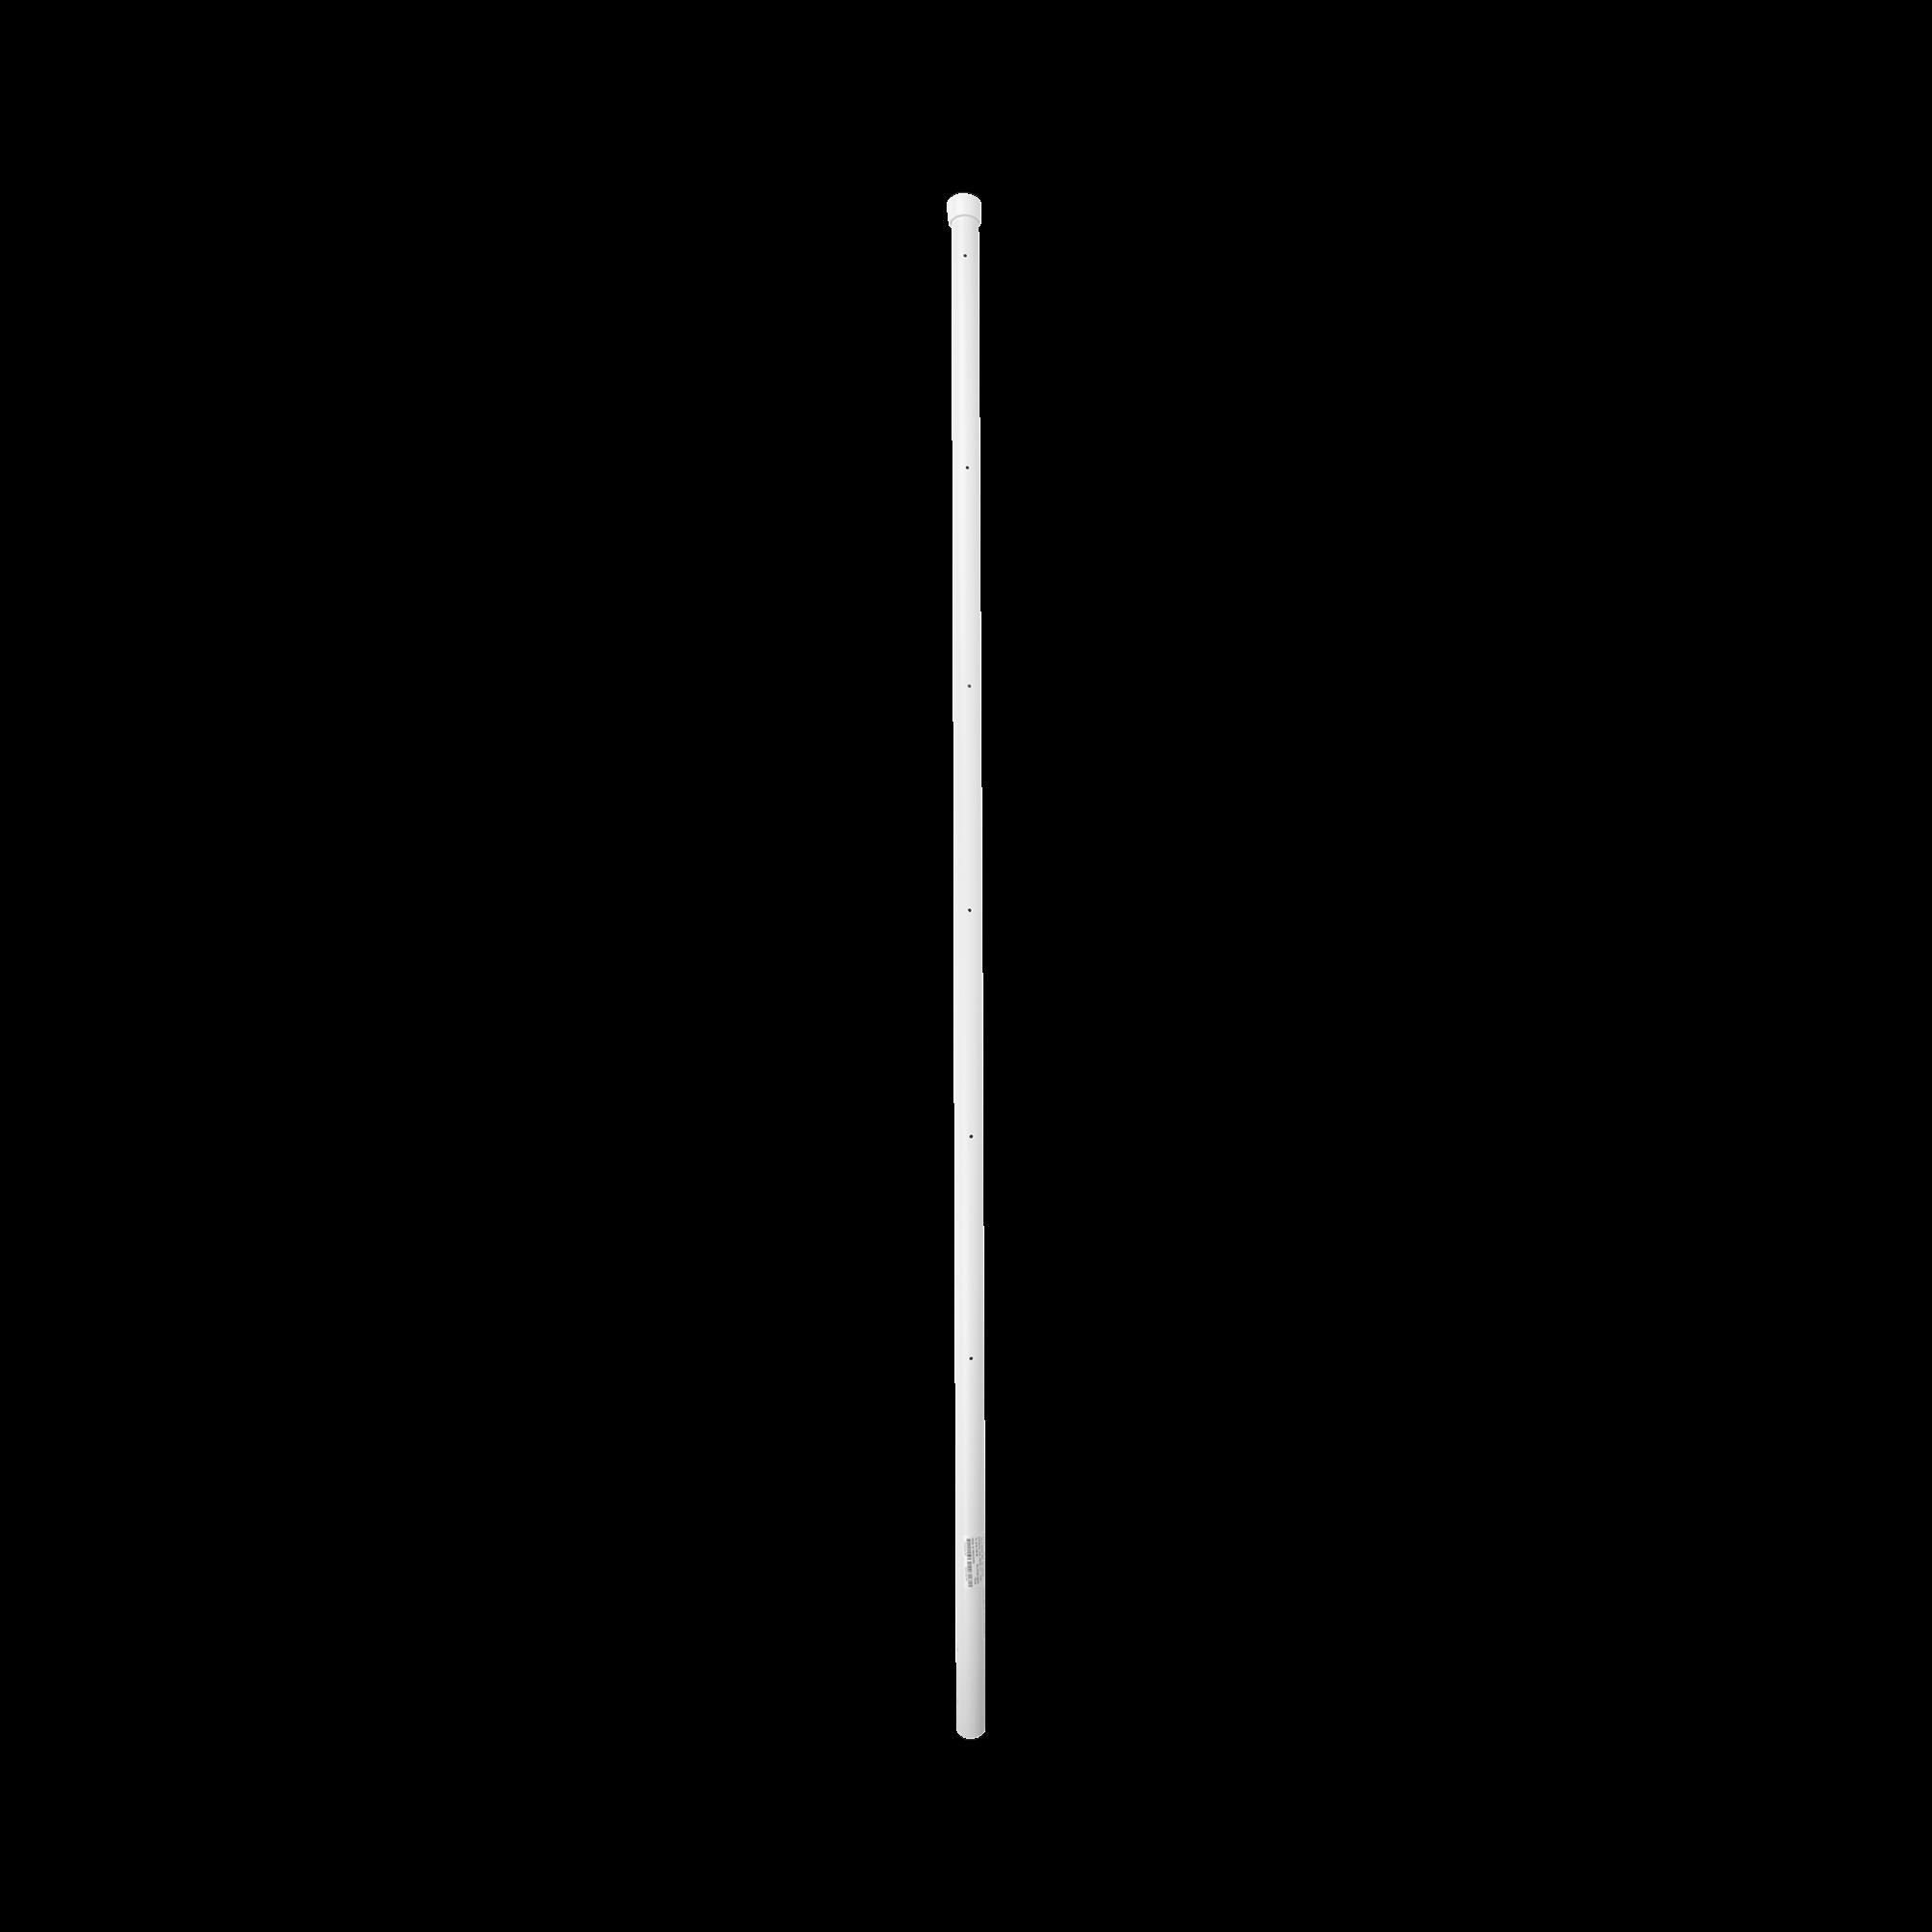 Poste de Esquina para Cerca Electrificada. Tubo Galva. de 1.5 m, cal. 18 de 1 Diam. + Pintura Blanca. Ideal para 6 Aisladores